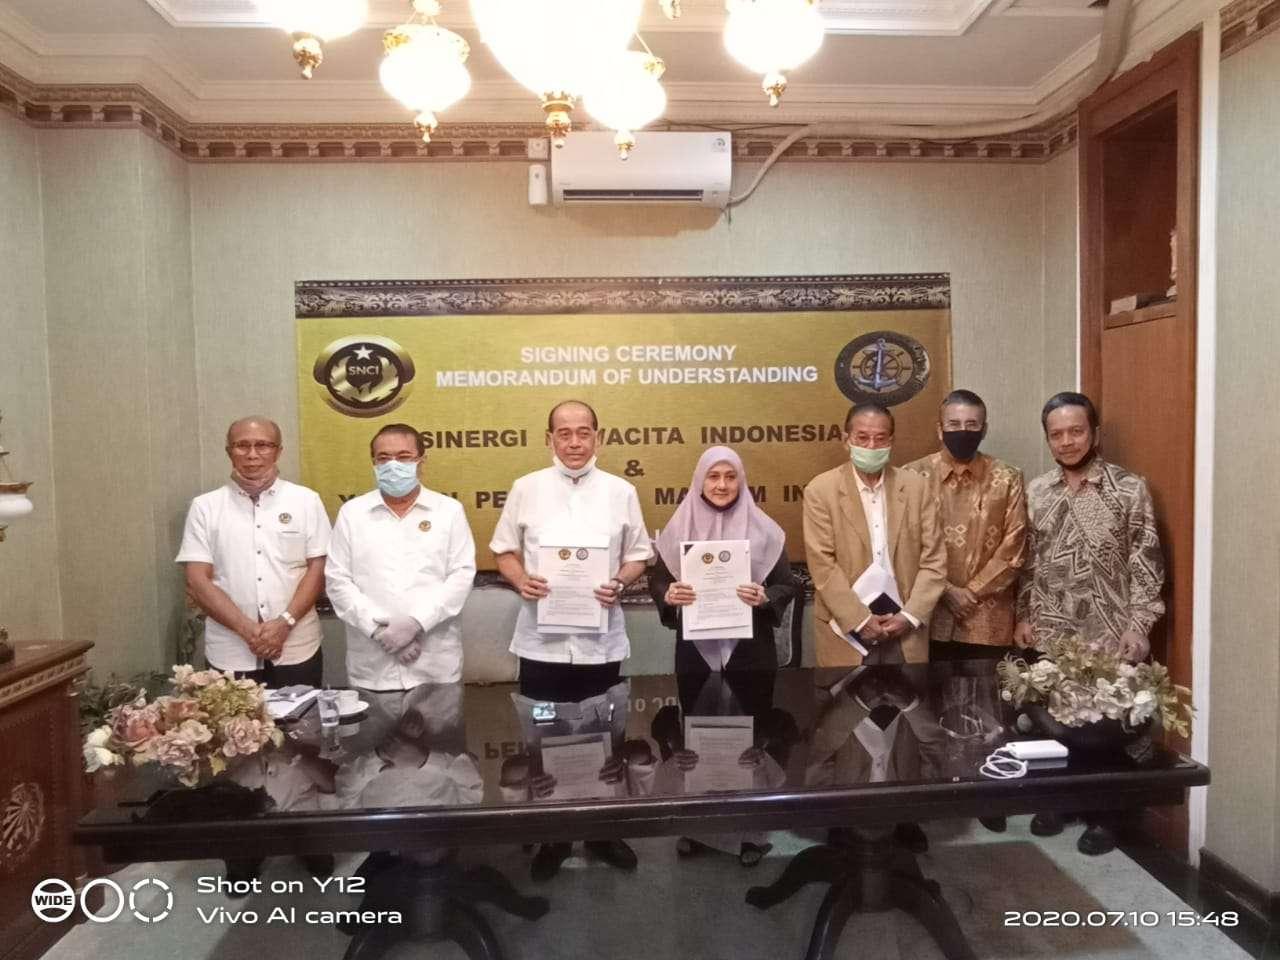 SNCI Digandeng YMPI Untuk MOU Di Bidang Pendidikan Kemaritiman